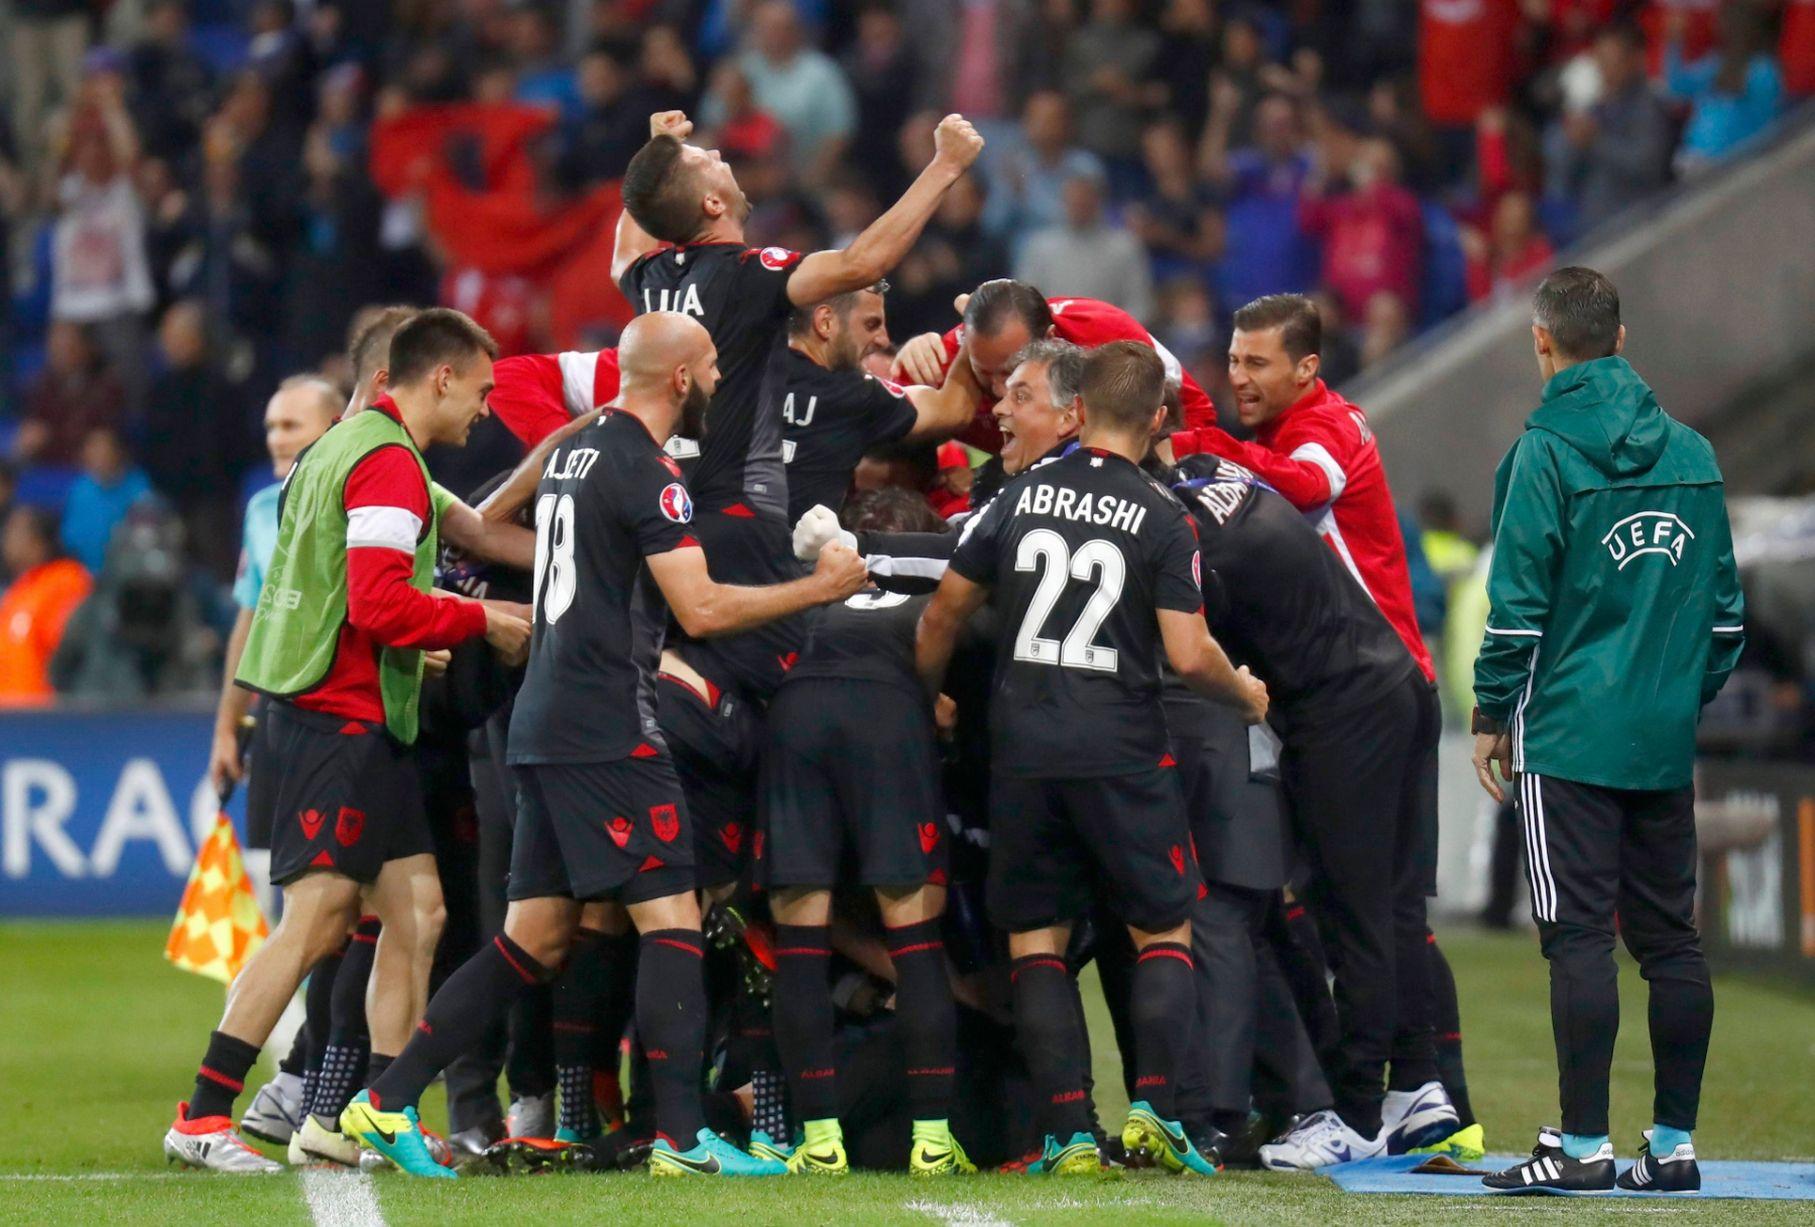 El milagro futbolístico de Albania